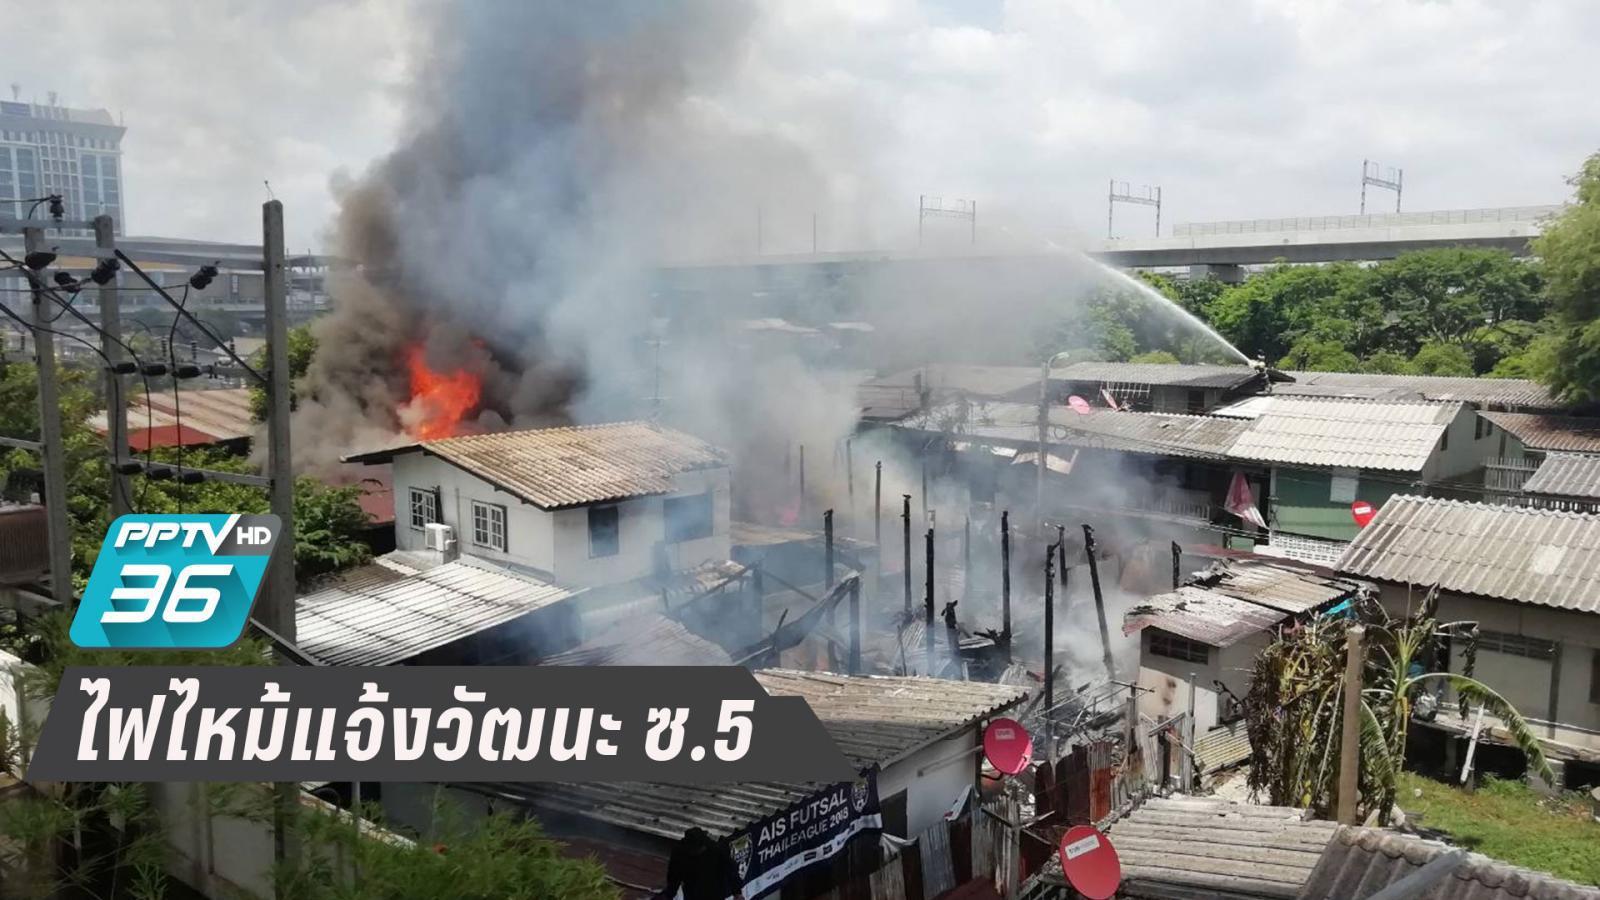 ไฟไหม้ชุมชนแจ้งวัฒนะ 5 จนท.ดับเพลิงเจ็บ 2 คน